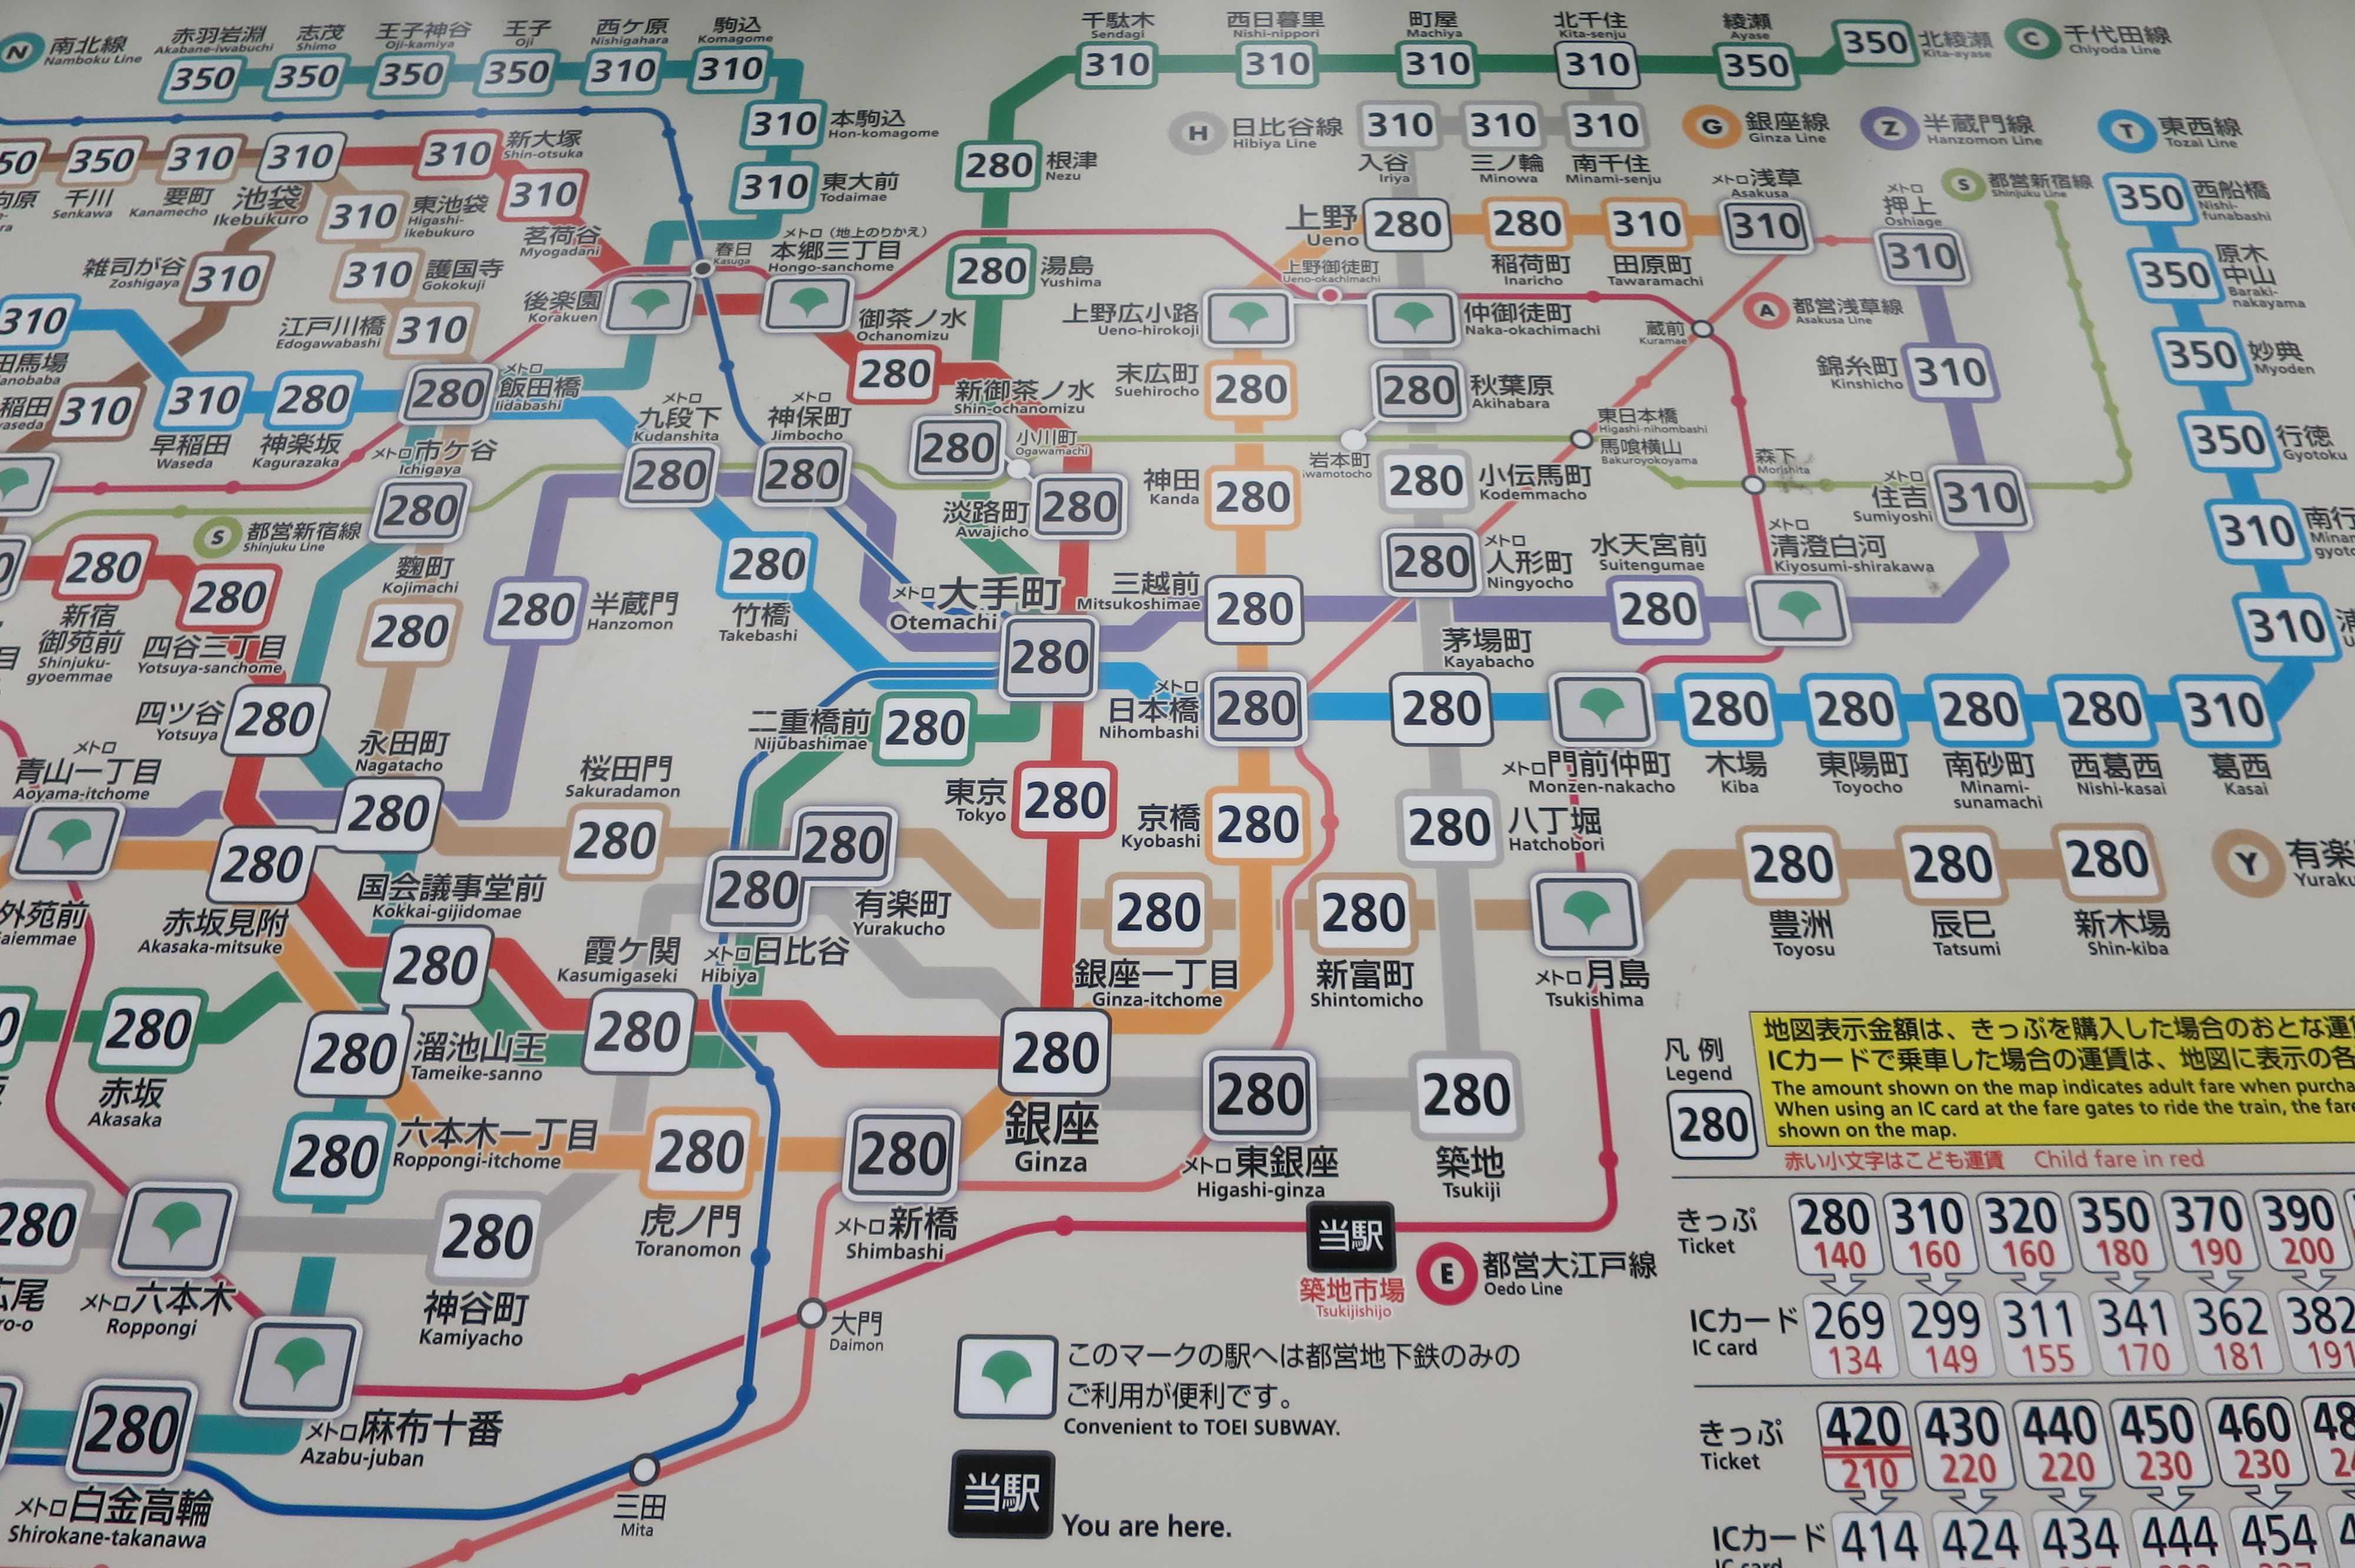 築地エリア - 大江戸線 路線図(築地市場駅)